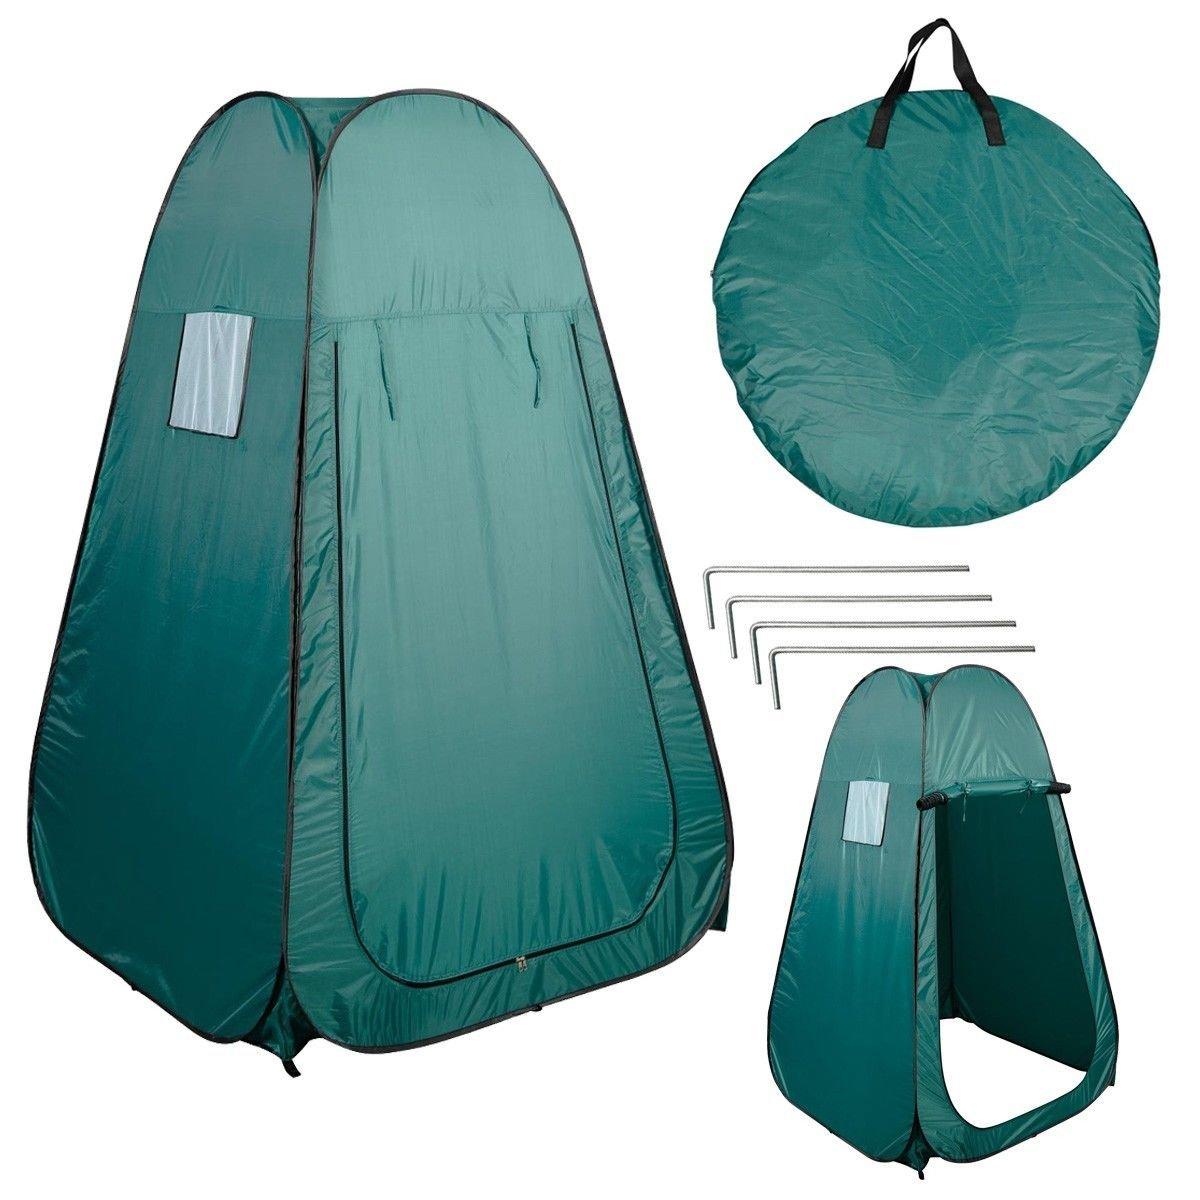 Generic NV_1008000885_YC-US2 GreenFis Toilet Changing Bathi Portable Pop ilet Tent Camping ing T UP Fishing & Bathing ampin Room Green Portabl by Generic (Image #1)